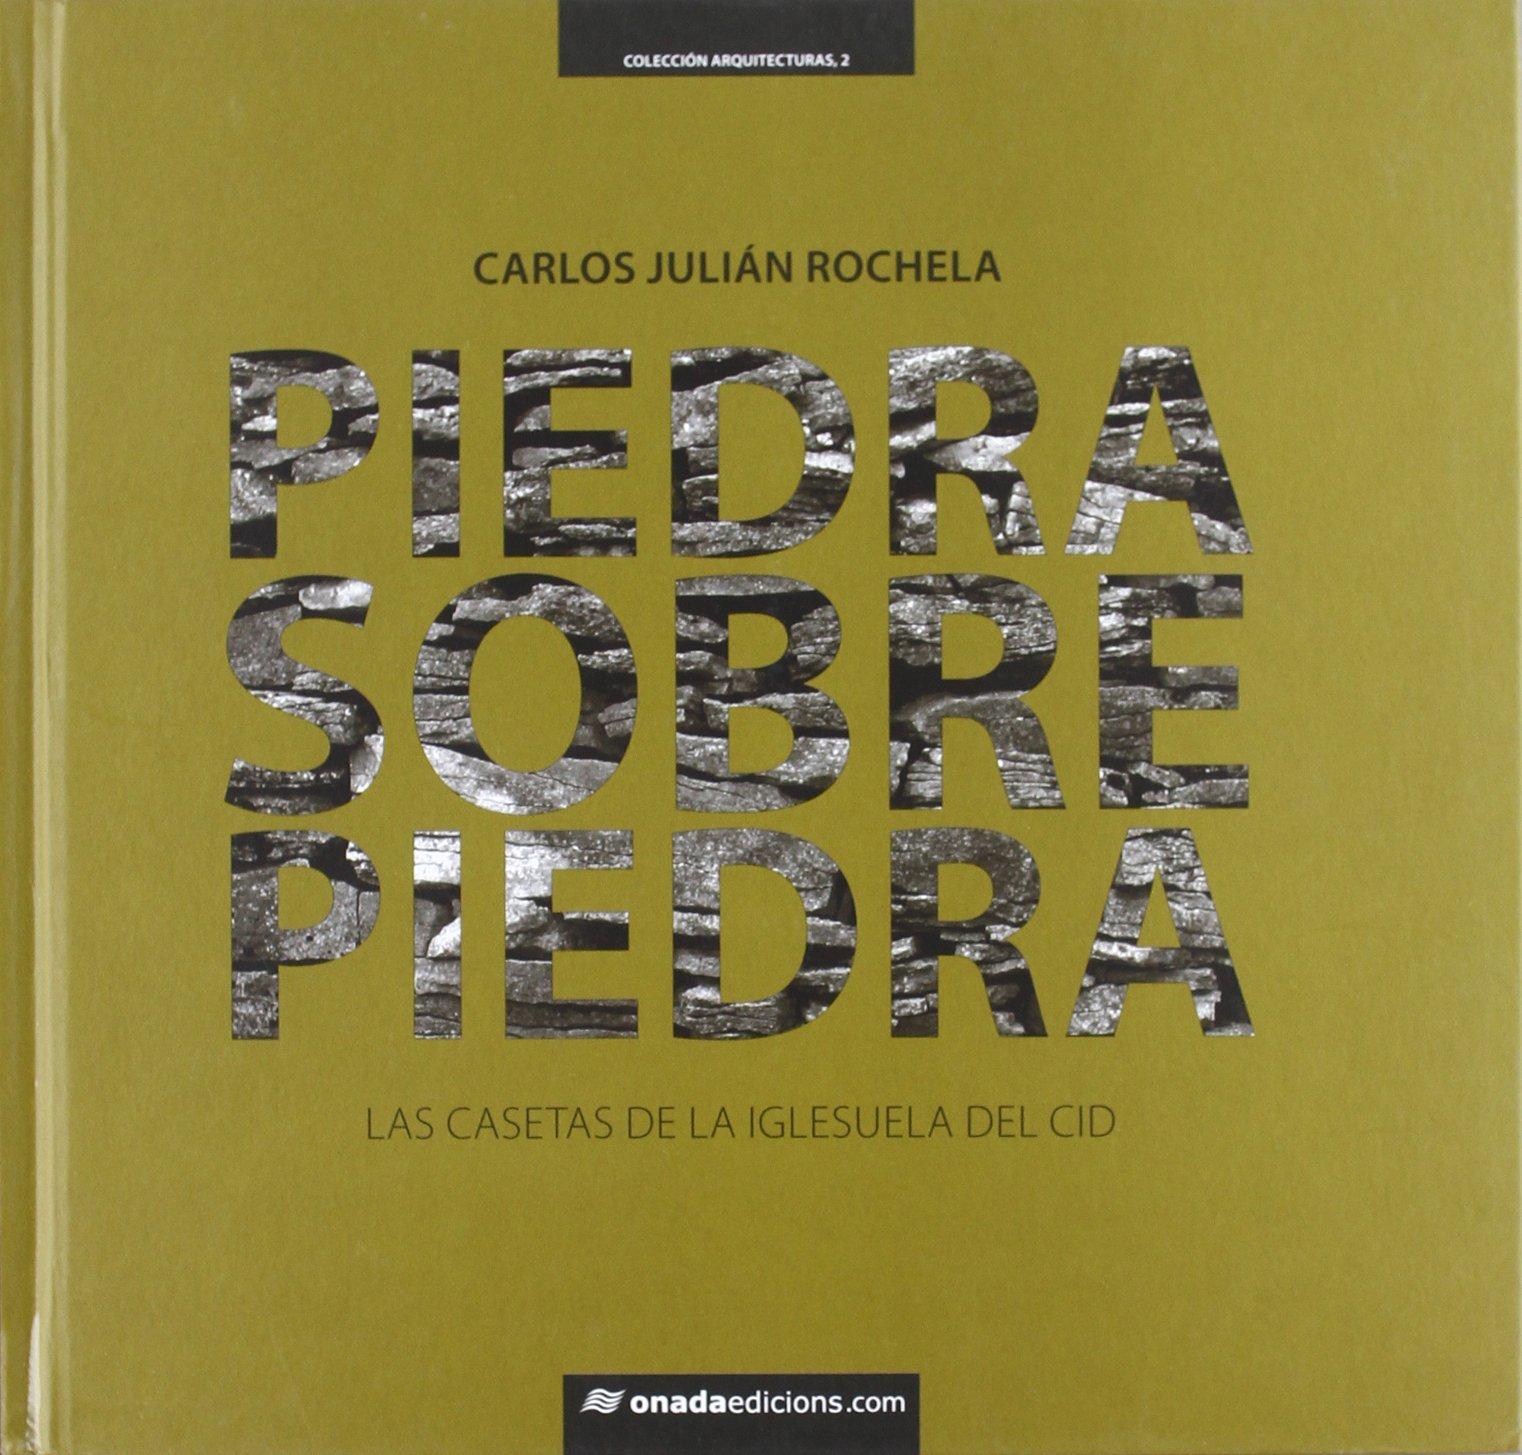 Piedra sobre piedra : las casetas de la Iglesuela del Cid: Carlos Julián Rochela: 9788415221135: Amazon.com: Books